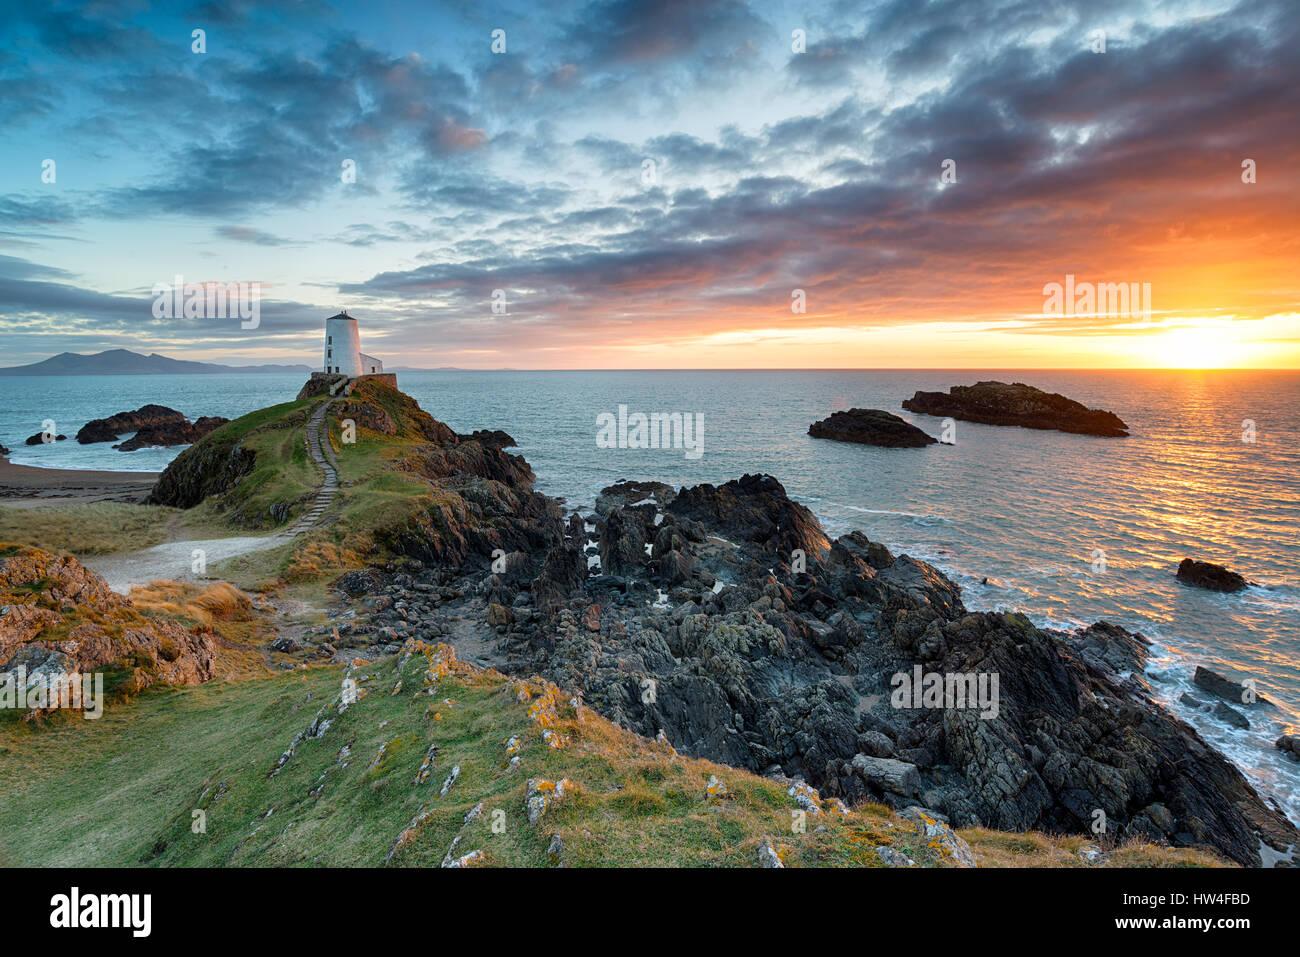 Magnifique coucher de soleil sur le phare sur Twr Mawr Ynys Llanddwyn sur la côte d'Anglesey dans le nord Photo Stock